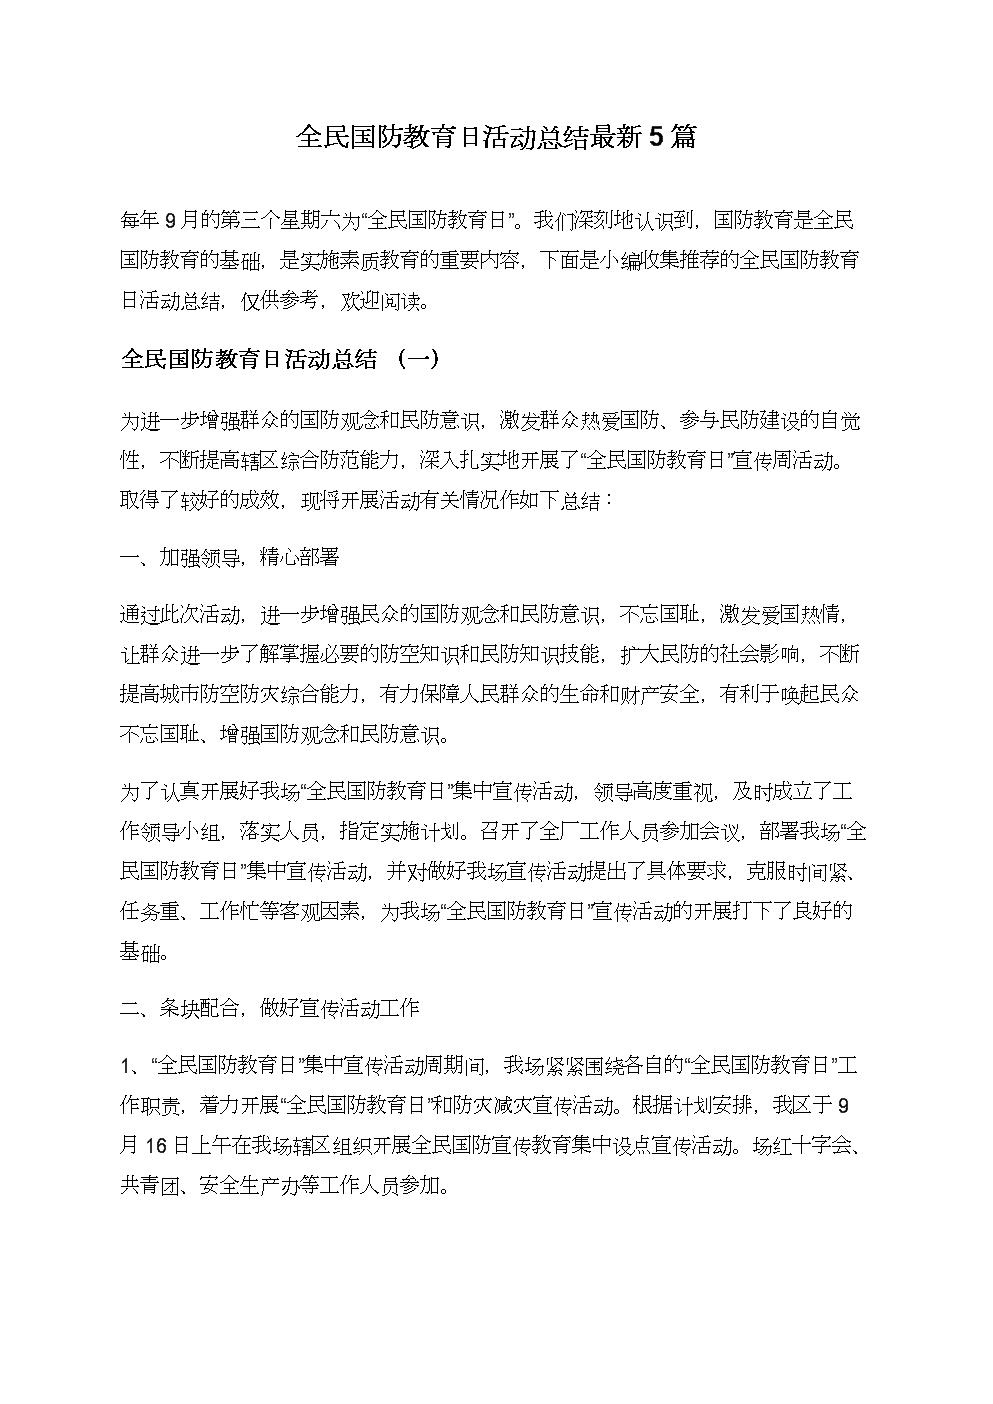 全民国防教育日活动总结最新5篇.doc